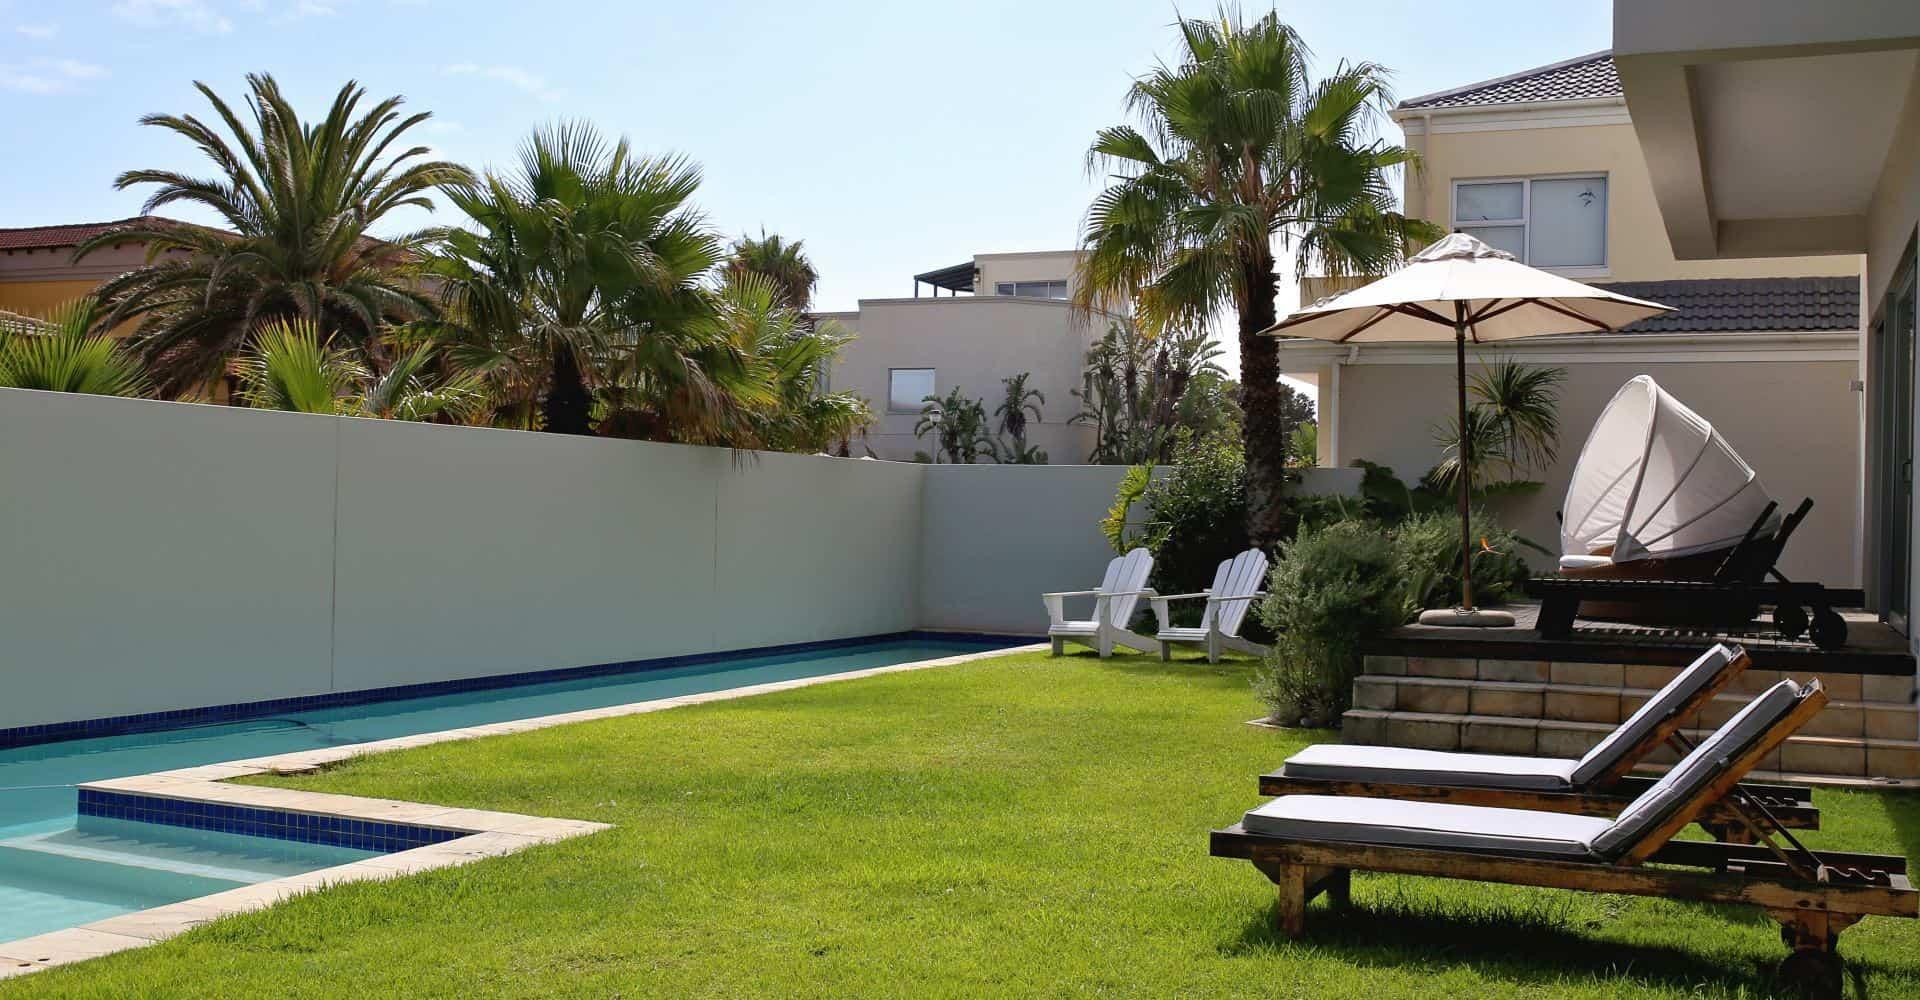 Gästehaus Garten mit Pool und Liegen zum Entspannen - guesthouse pool and garden for relaxing